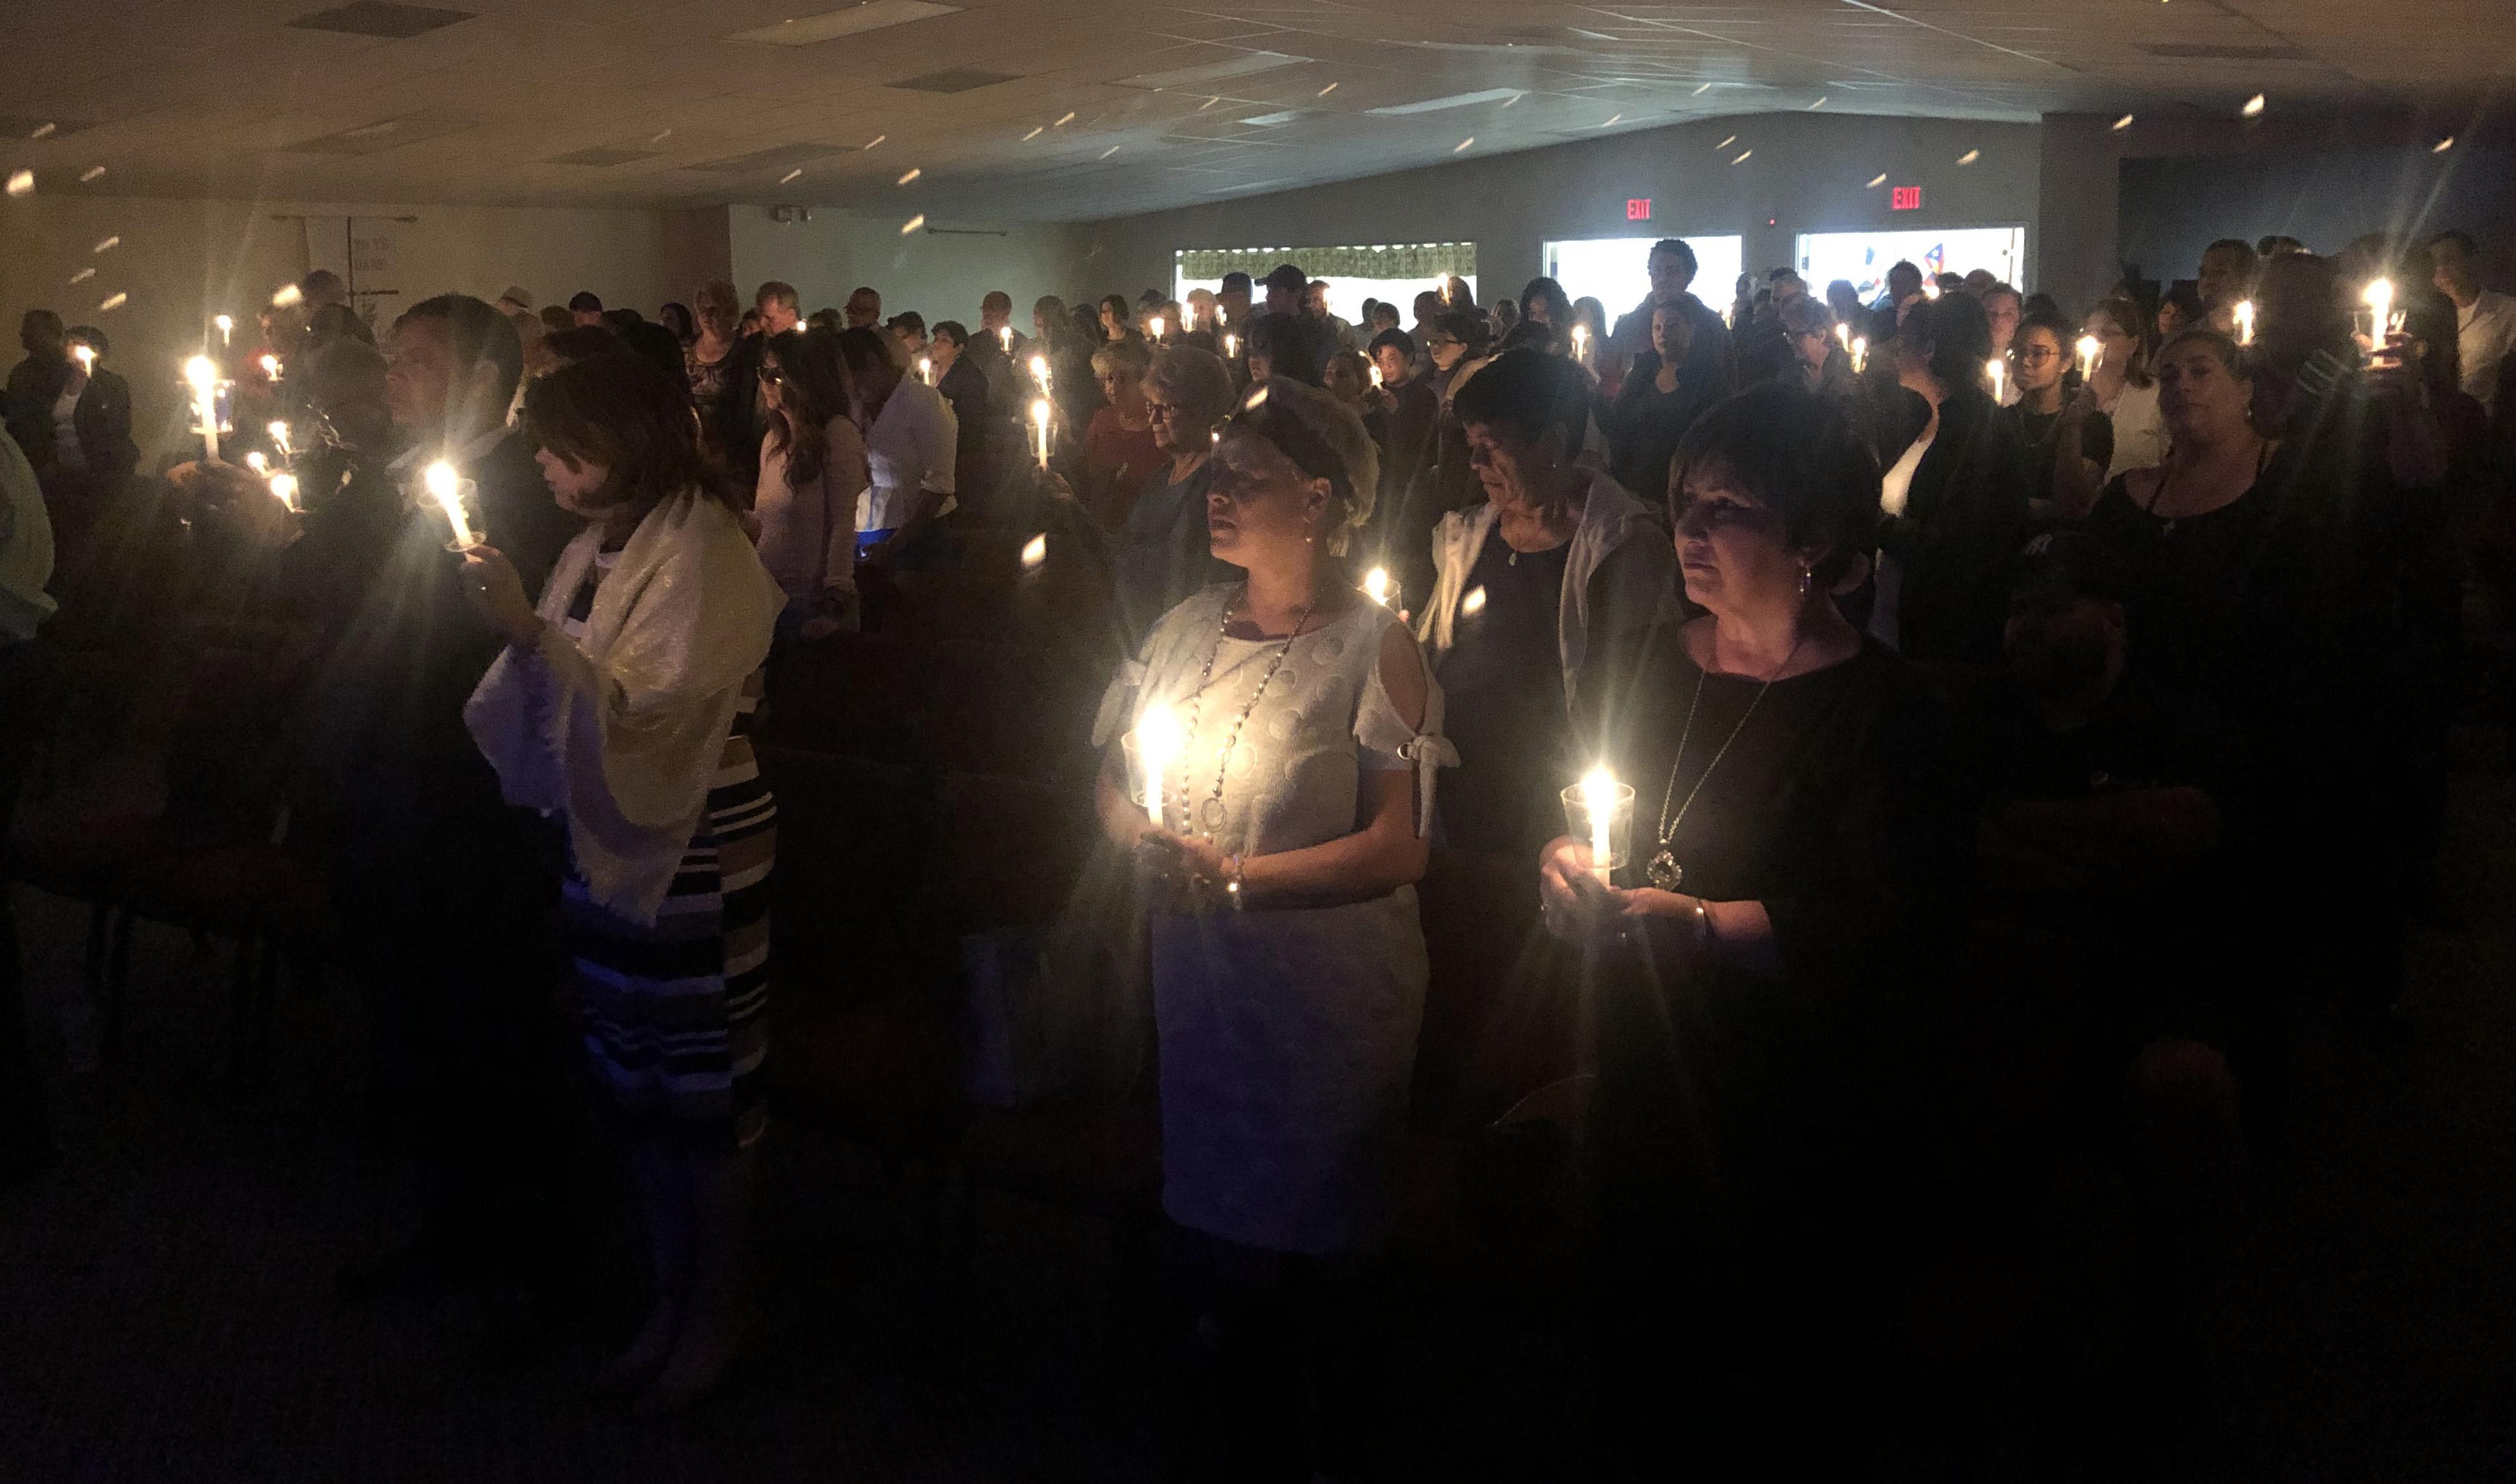 """Cerca de 200 personas se reunieron en vigilia el pasado 24 de enero en la Iglesia Metodista Unida Nuevo Pacto en Sebring, estado de Florida, para recordar a Marisol López. Foto de Juan A. Maldonado para el SMUN""""."""